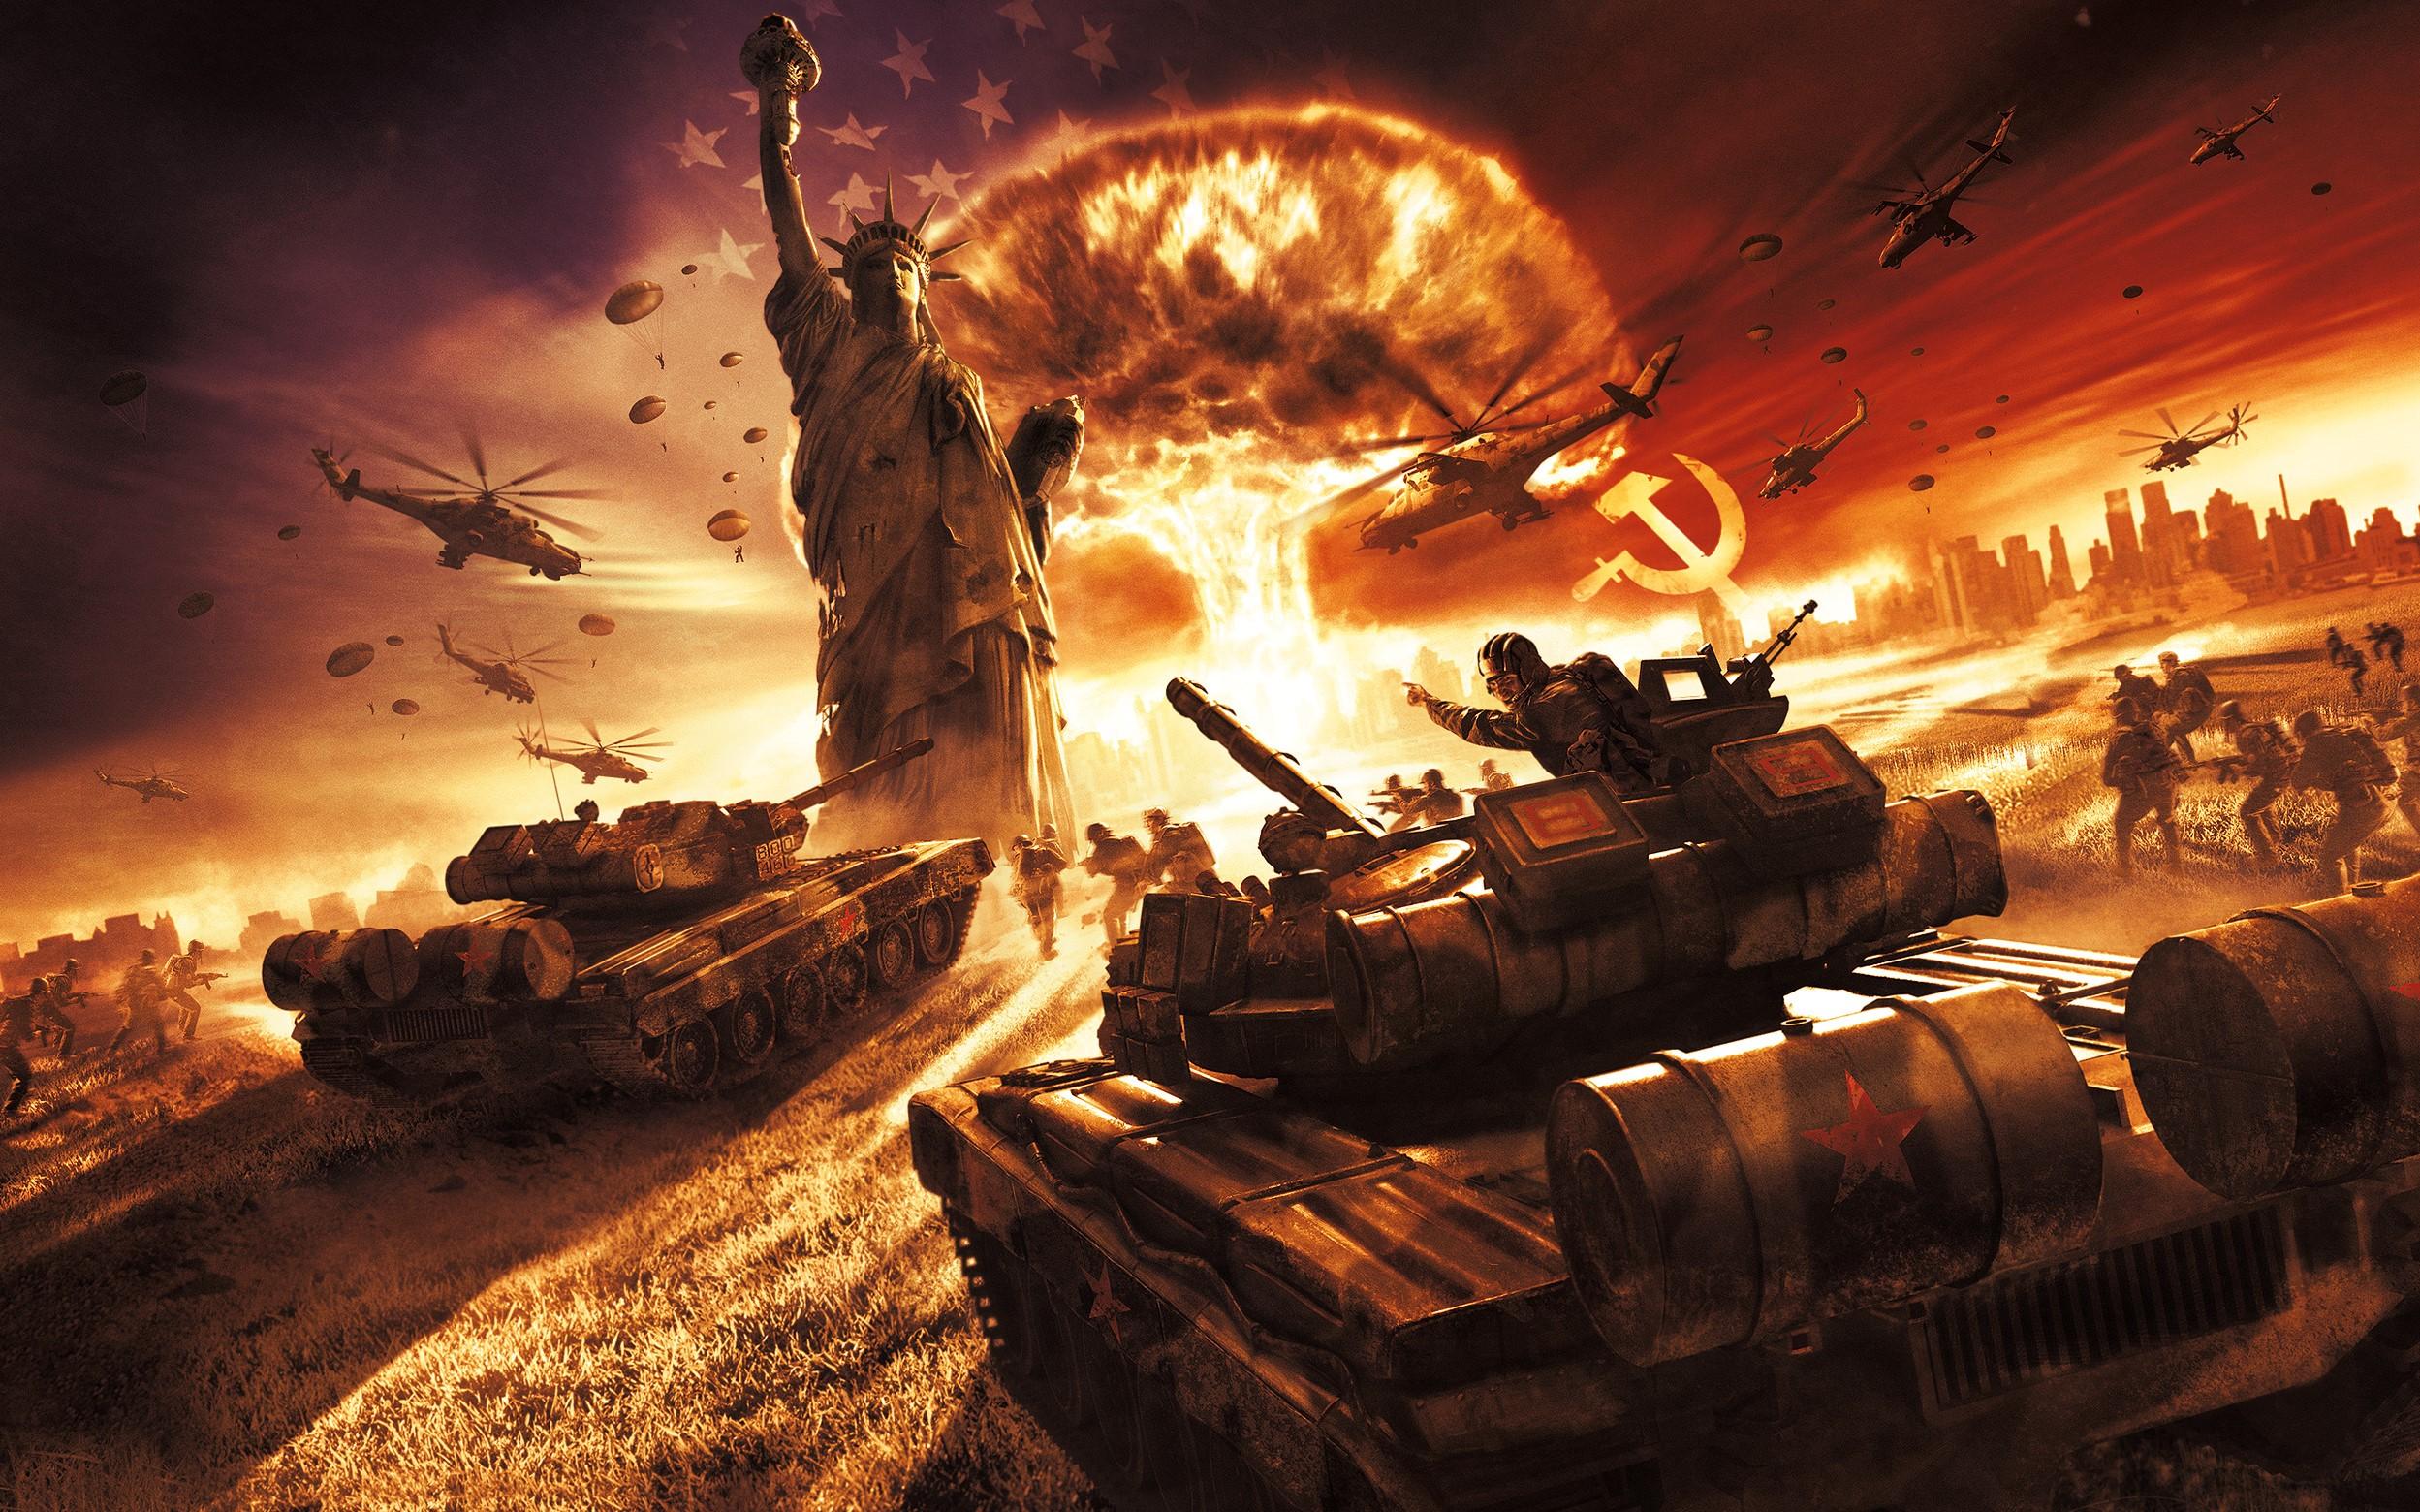 Британские СМИ назвали дату Третьей мировой войны — осталось 22 дня (14 фото)